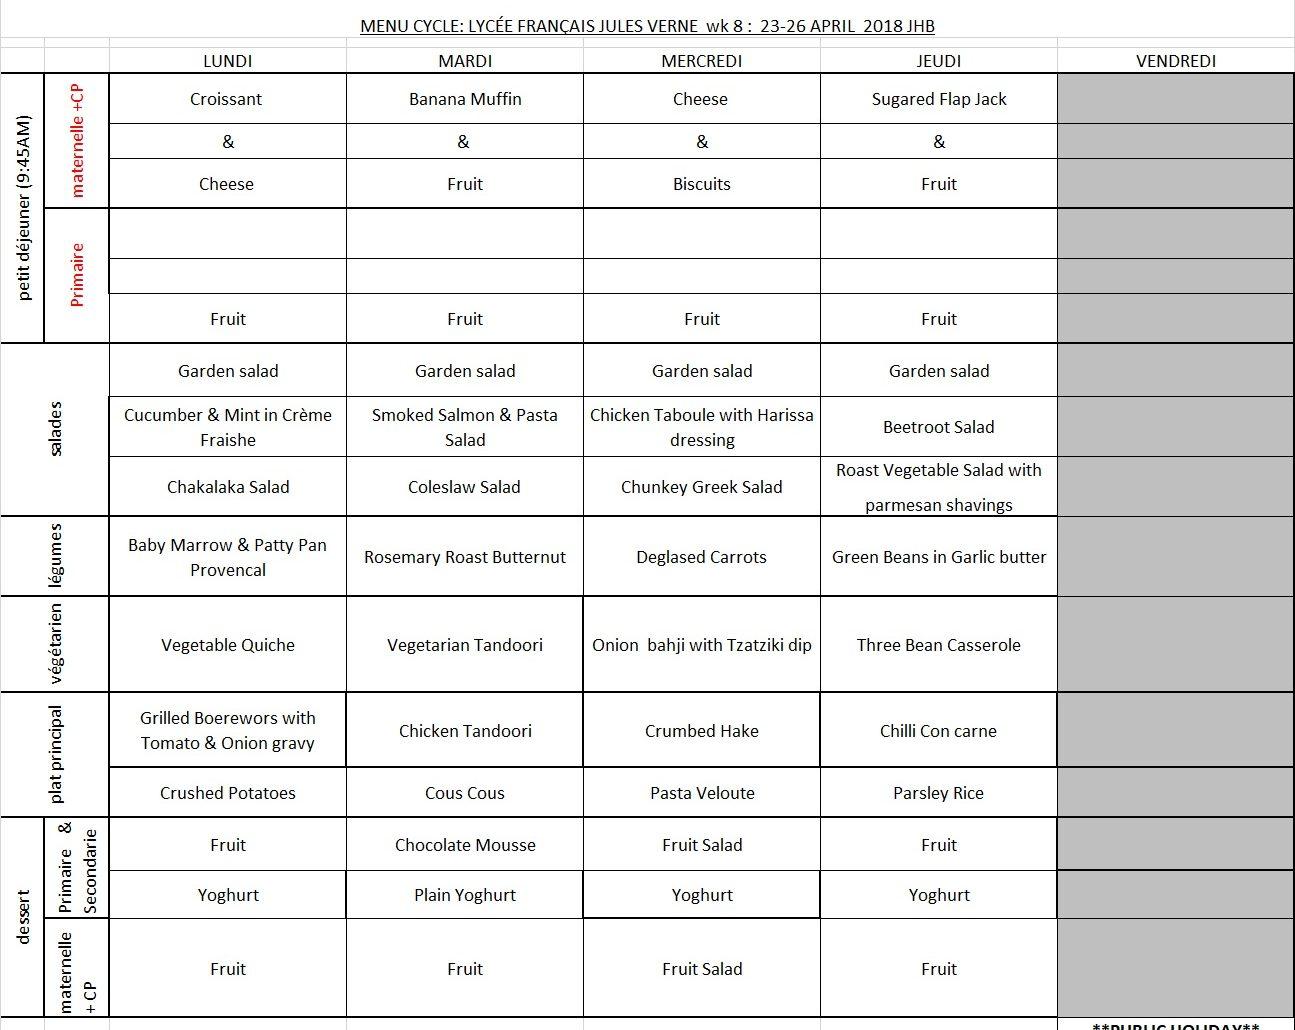 MENU WEEK 8 - JHB - 23 APRIL